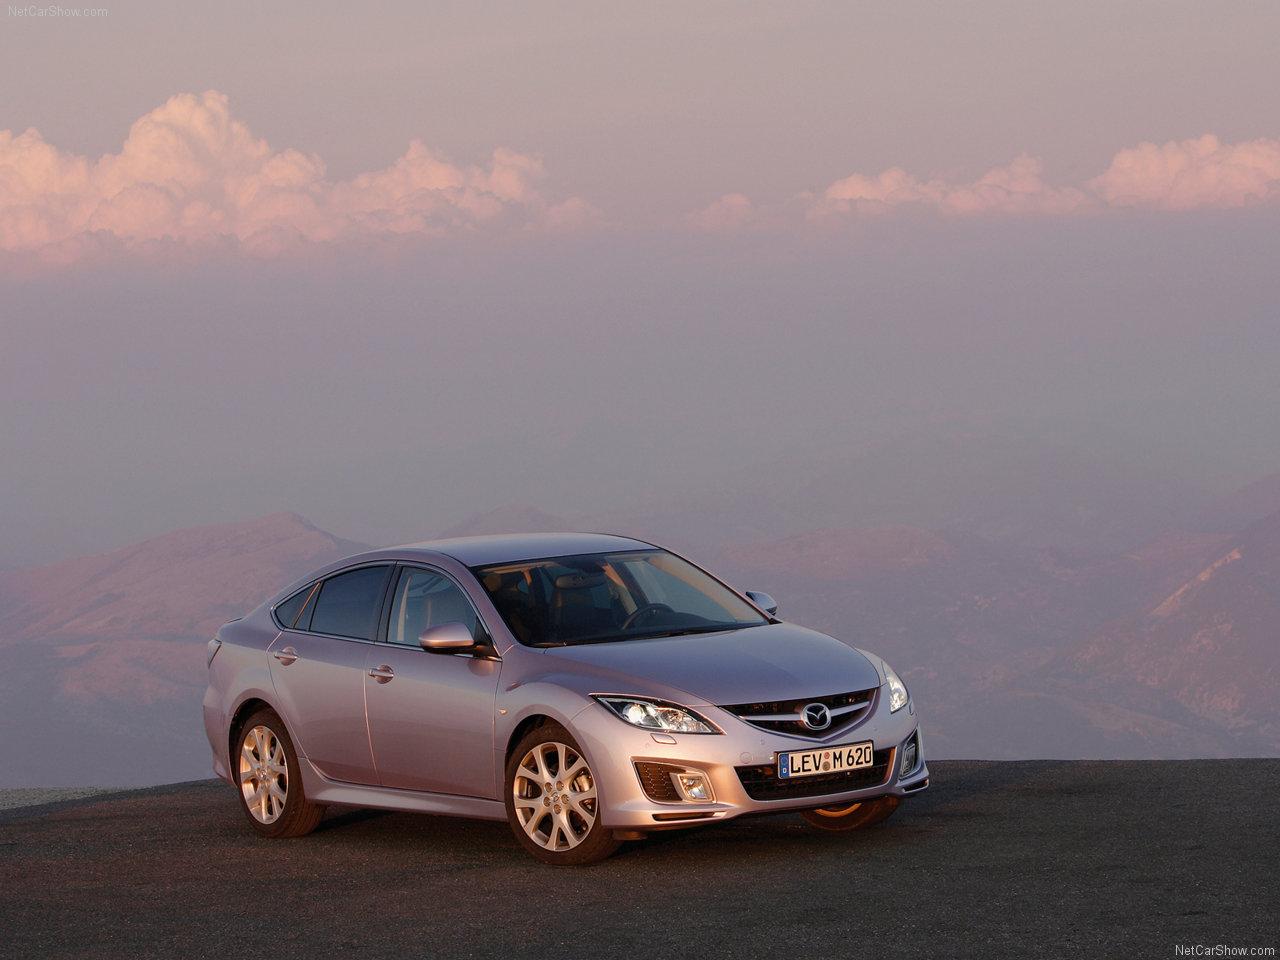 http://3.bp.blogspot.com/-tMIDHJ5UeyM/TY1pcwfchaI/AAAAAAAADwI/Nydp4iRdiDA/s1600/Mazda-6_SAP_2009_1280x960_wallpaper_03.jpg